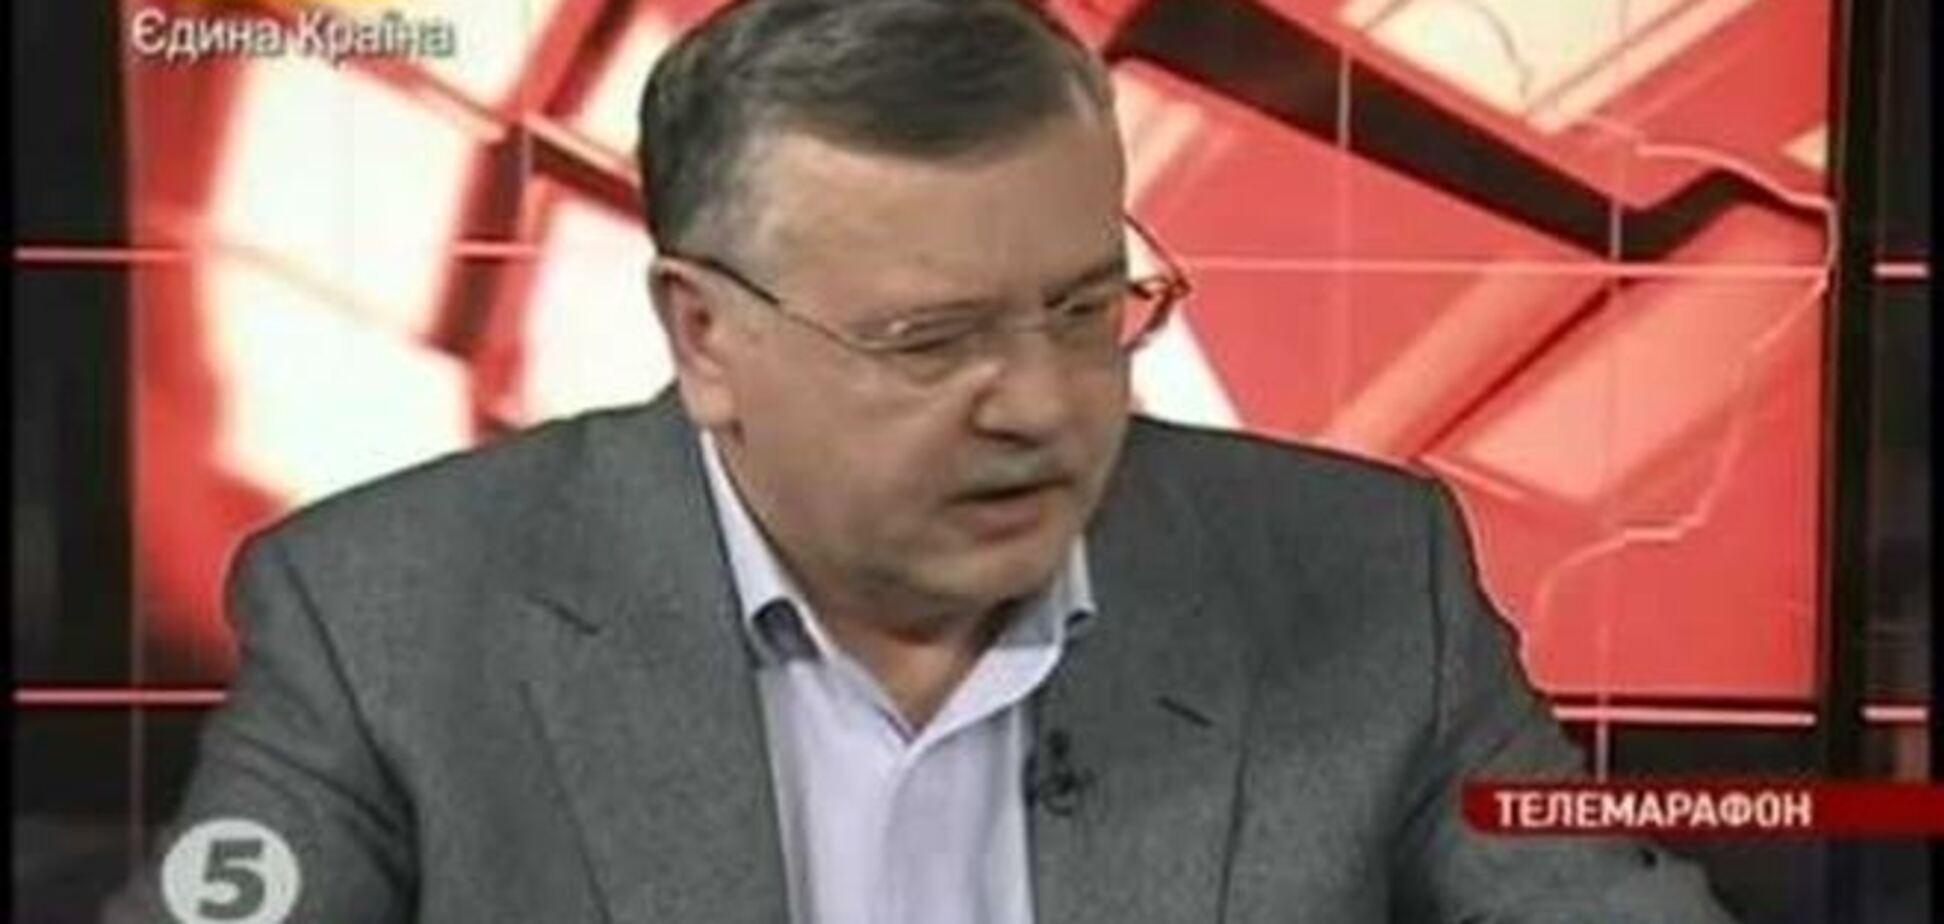 Гриценко обвиняет нового губернатора Луганщины в преступлениях против Майдана